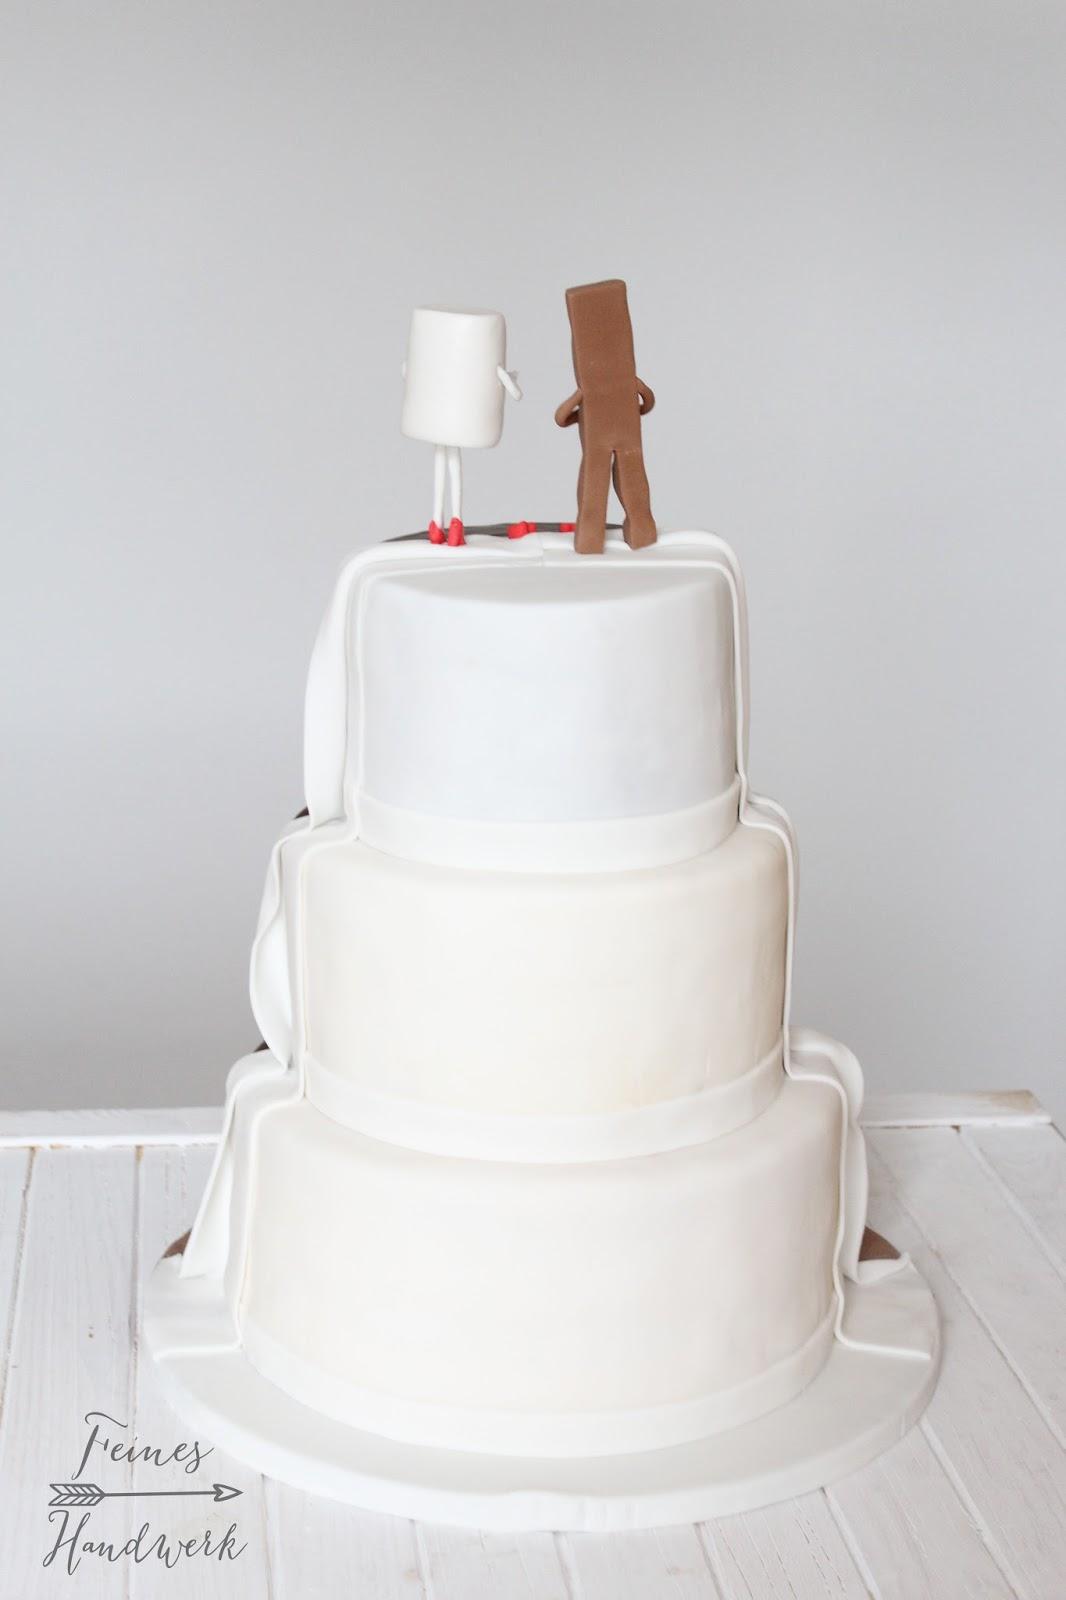 Feines Handwerk Kinderriegel Hochzeitstorte Plus Rezept Fur